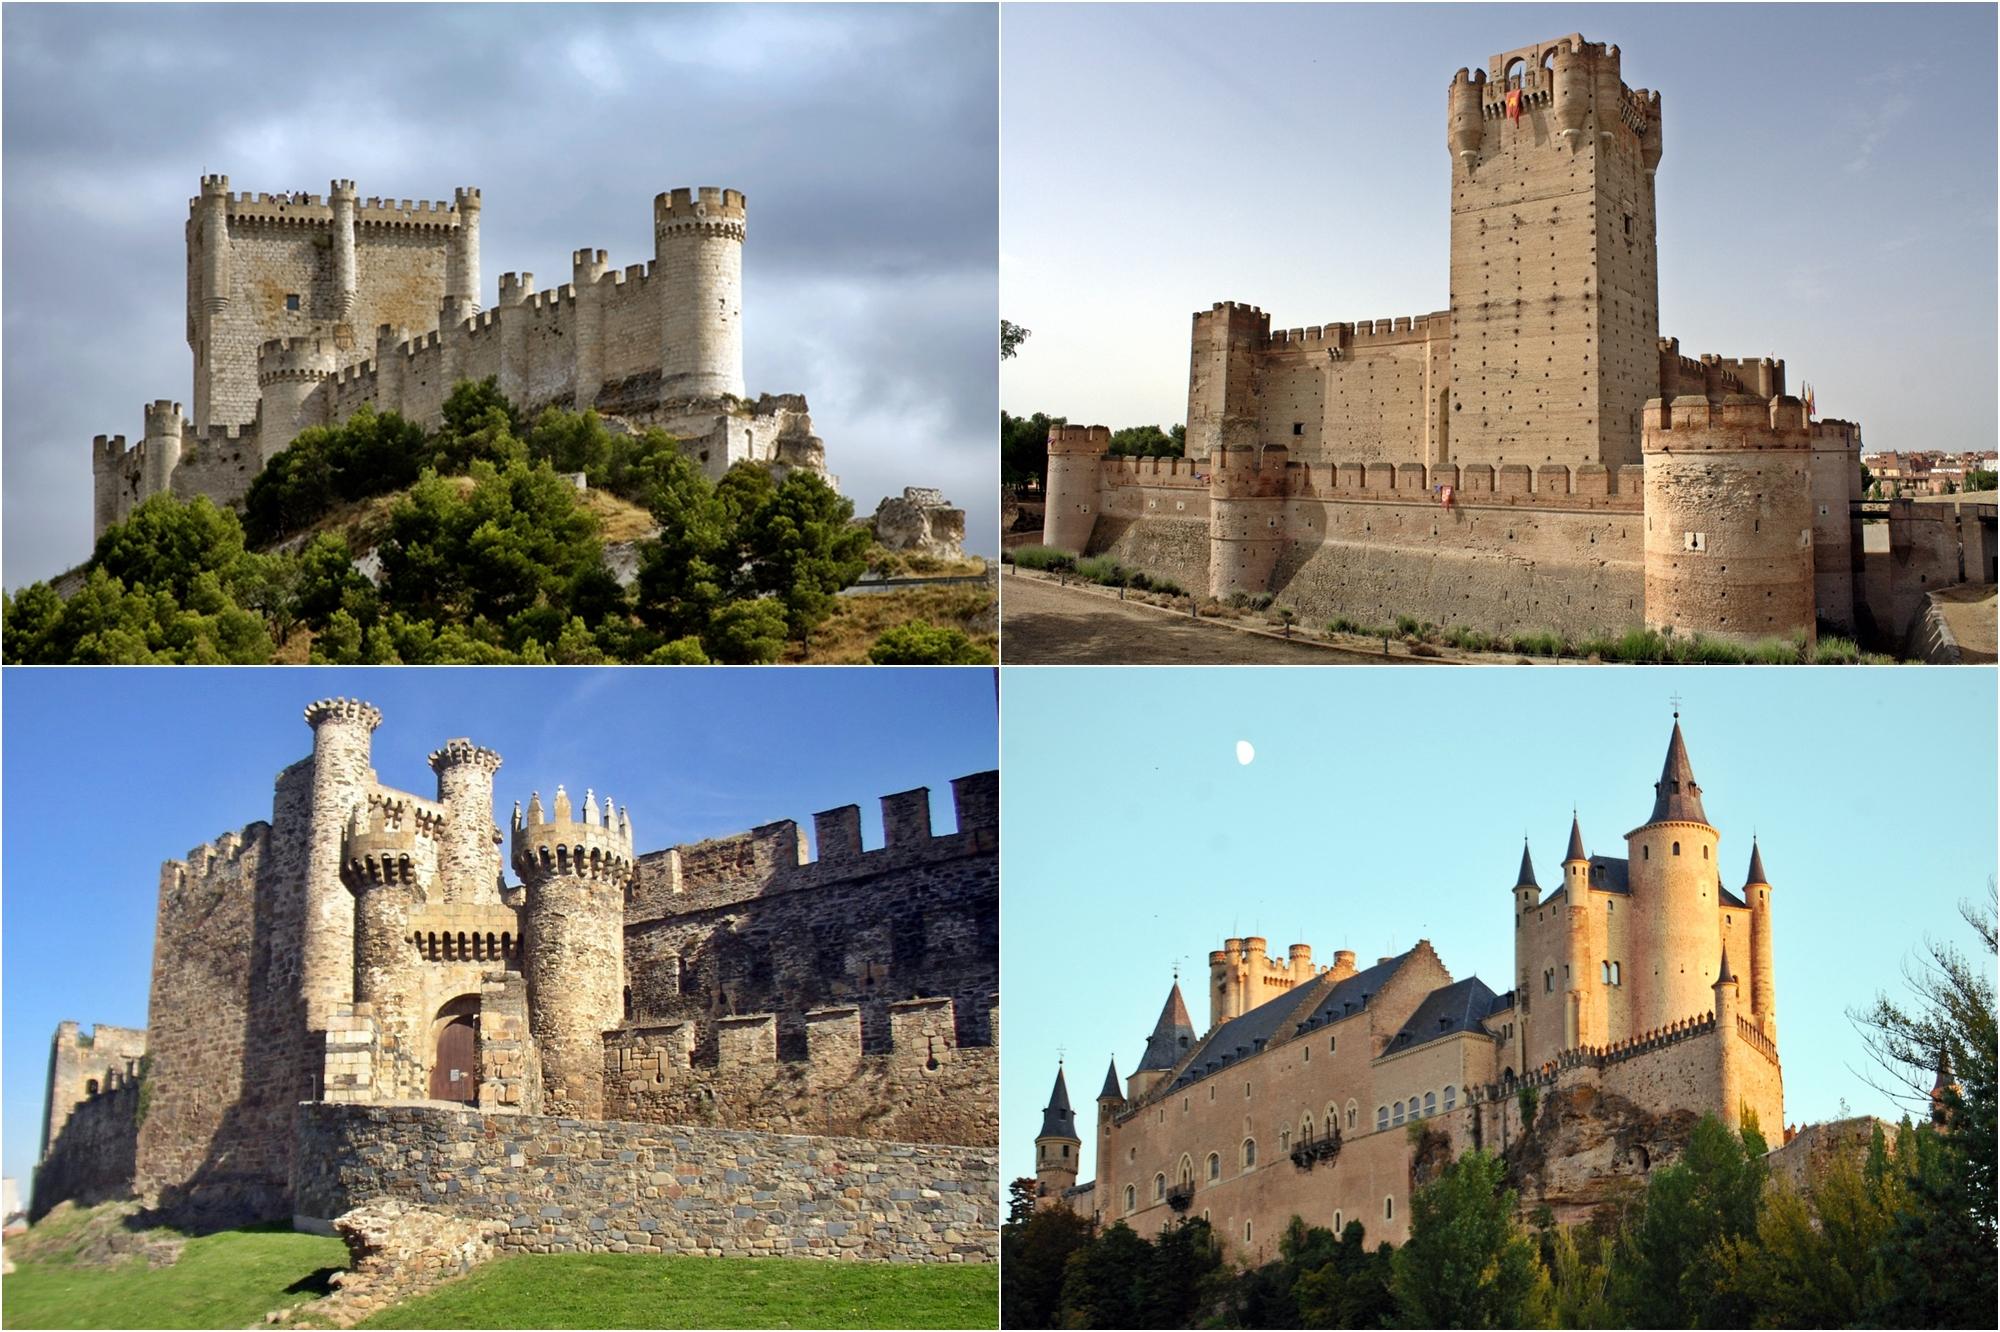 Los ocho mejores castillos de castilla le n recogidos en for Oficina turismo castilla y leon